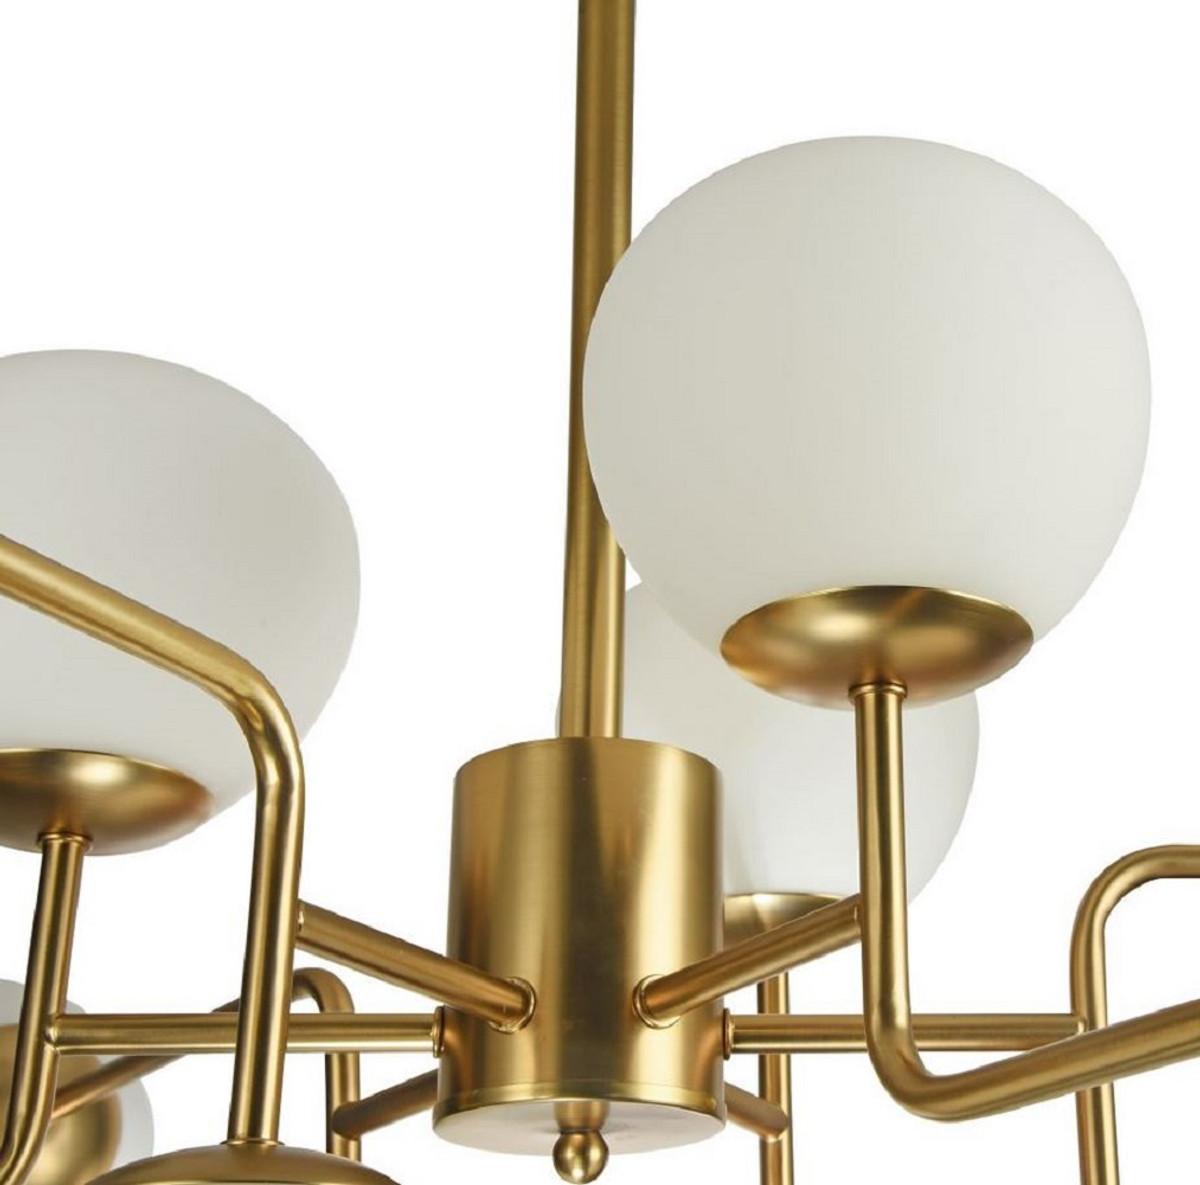 Casa Padrino Kronleuchter Gold / Weiß Ø 110 x H. 42,7 cm - Moderner Kronleuchter mit runden Mattglas Lampenschirmen 4